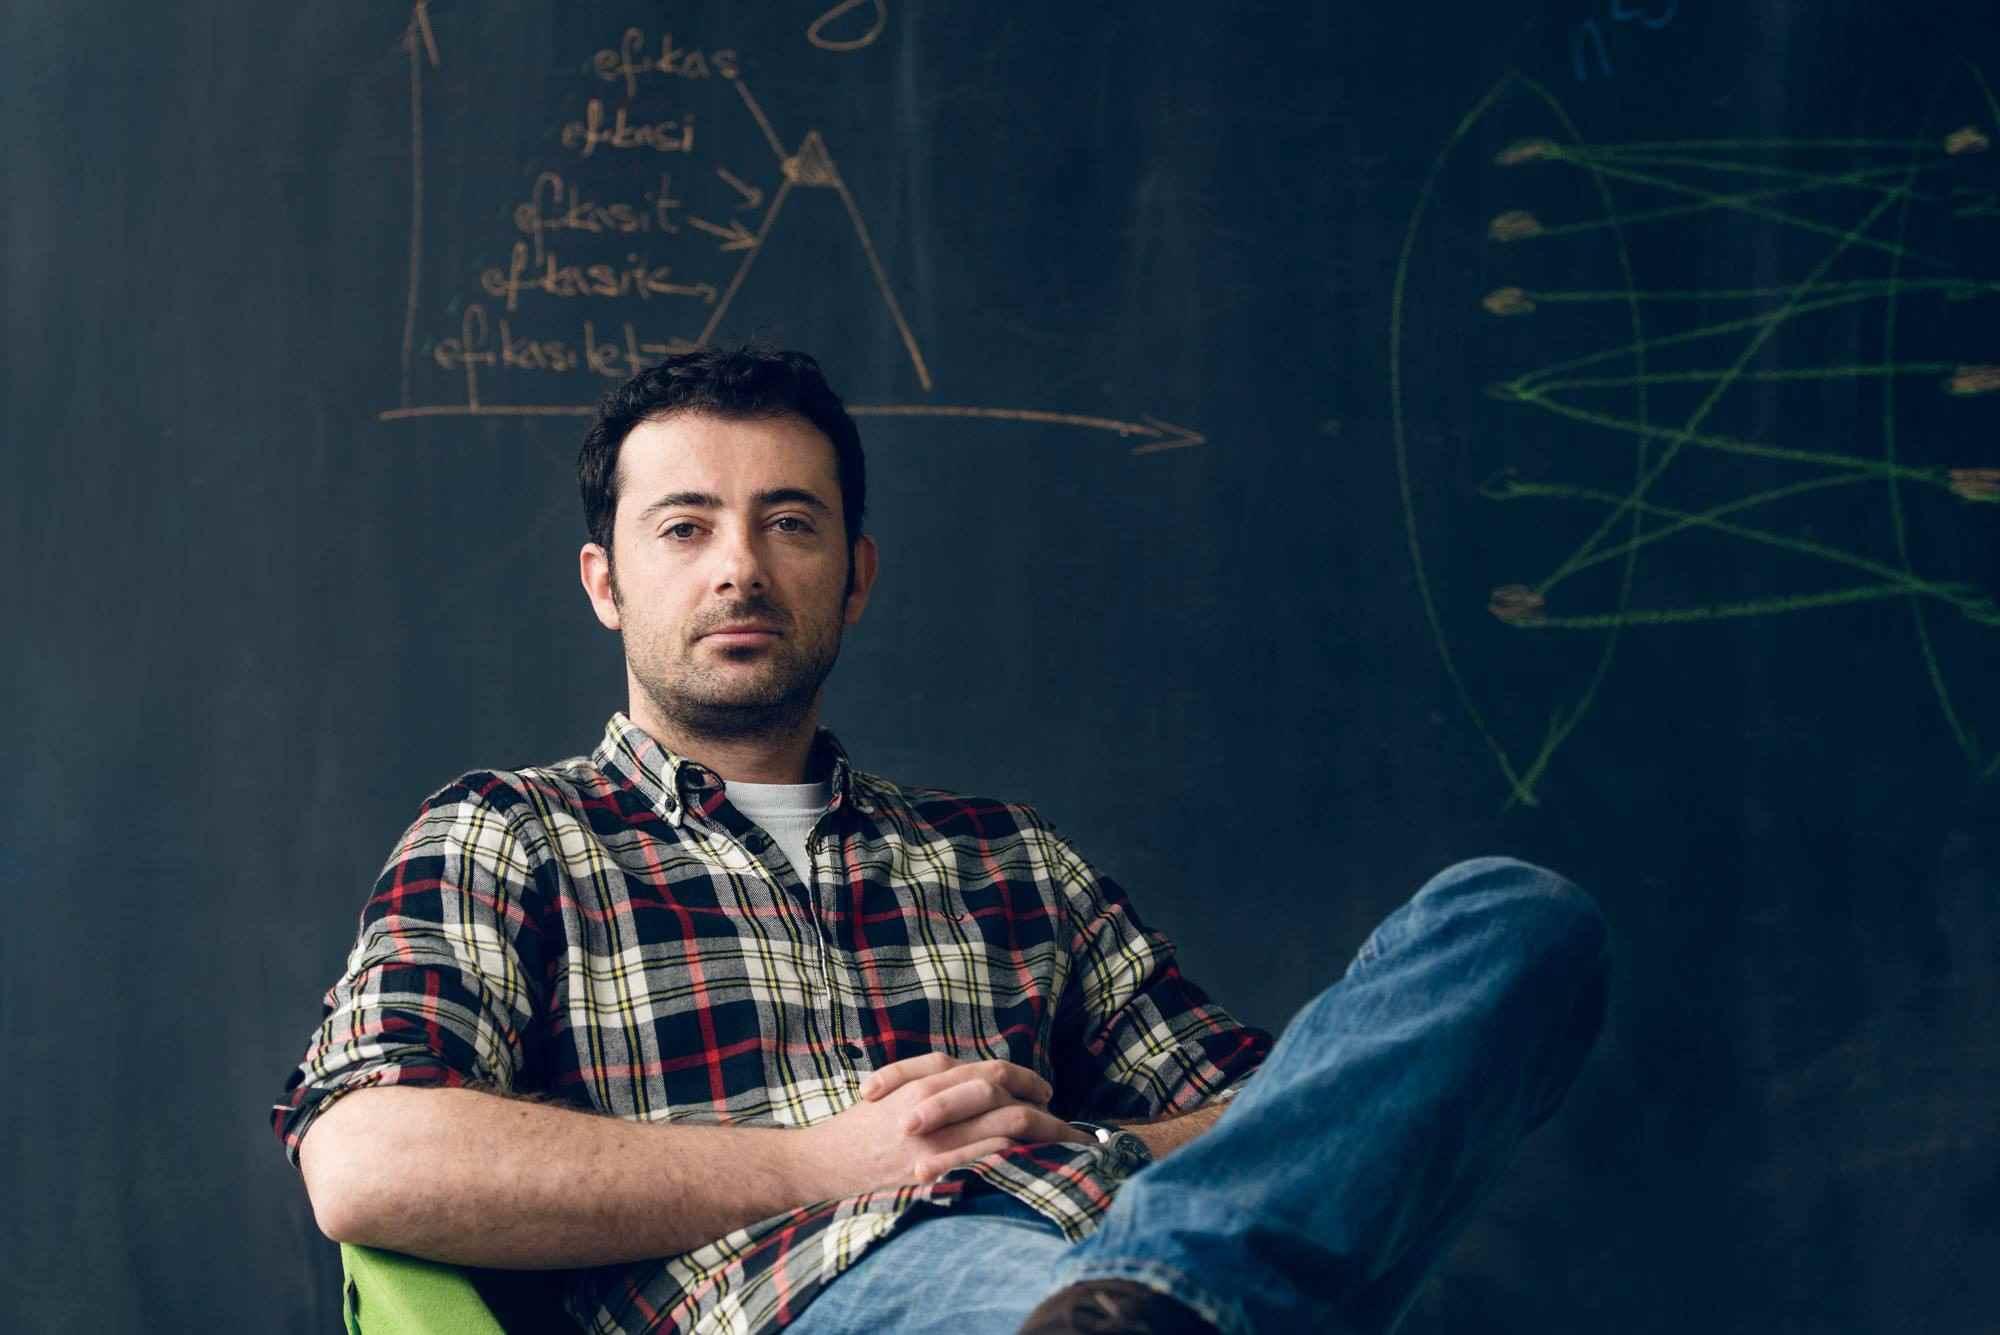 Mjaftueshëm e madhe sa për të qenë njëbrirësh(unicorn), intervistë me Mergim Cahanin themeluesin e kompanisë Gjirafa